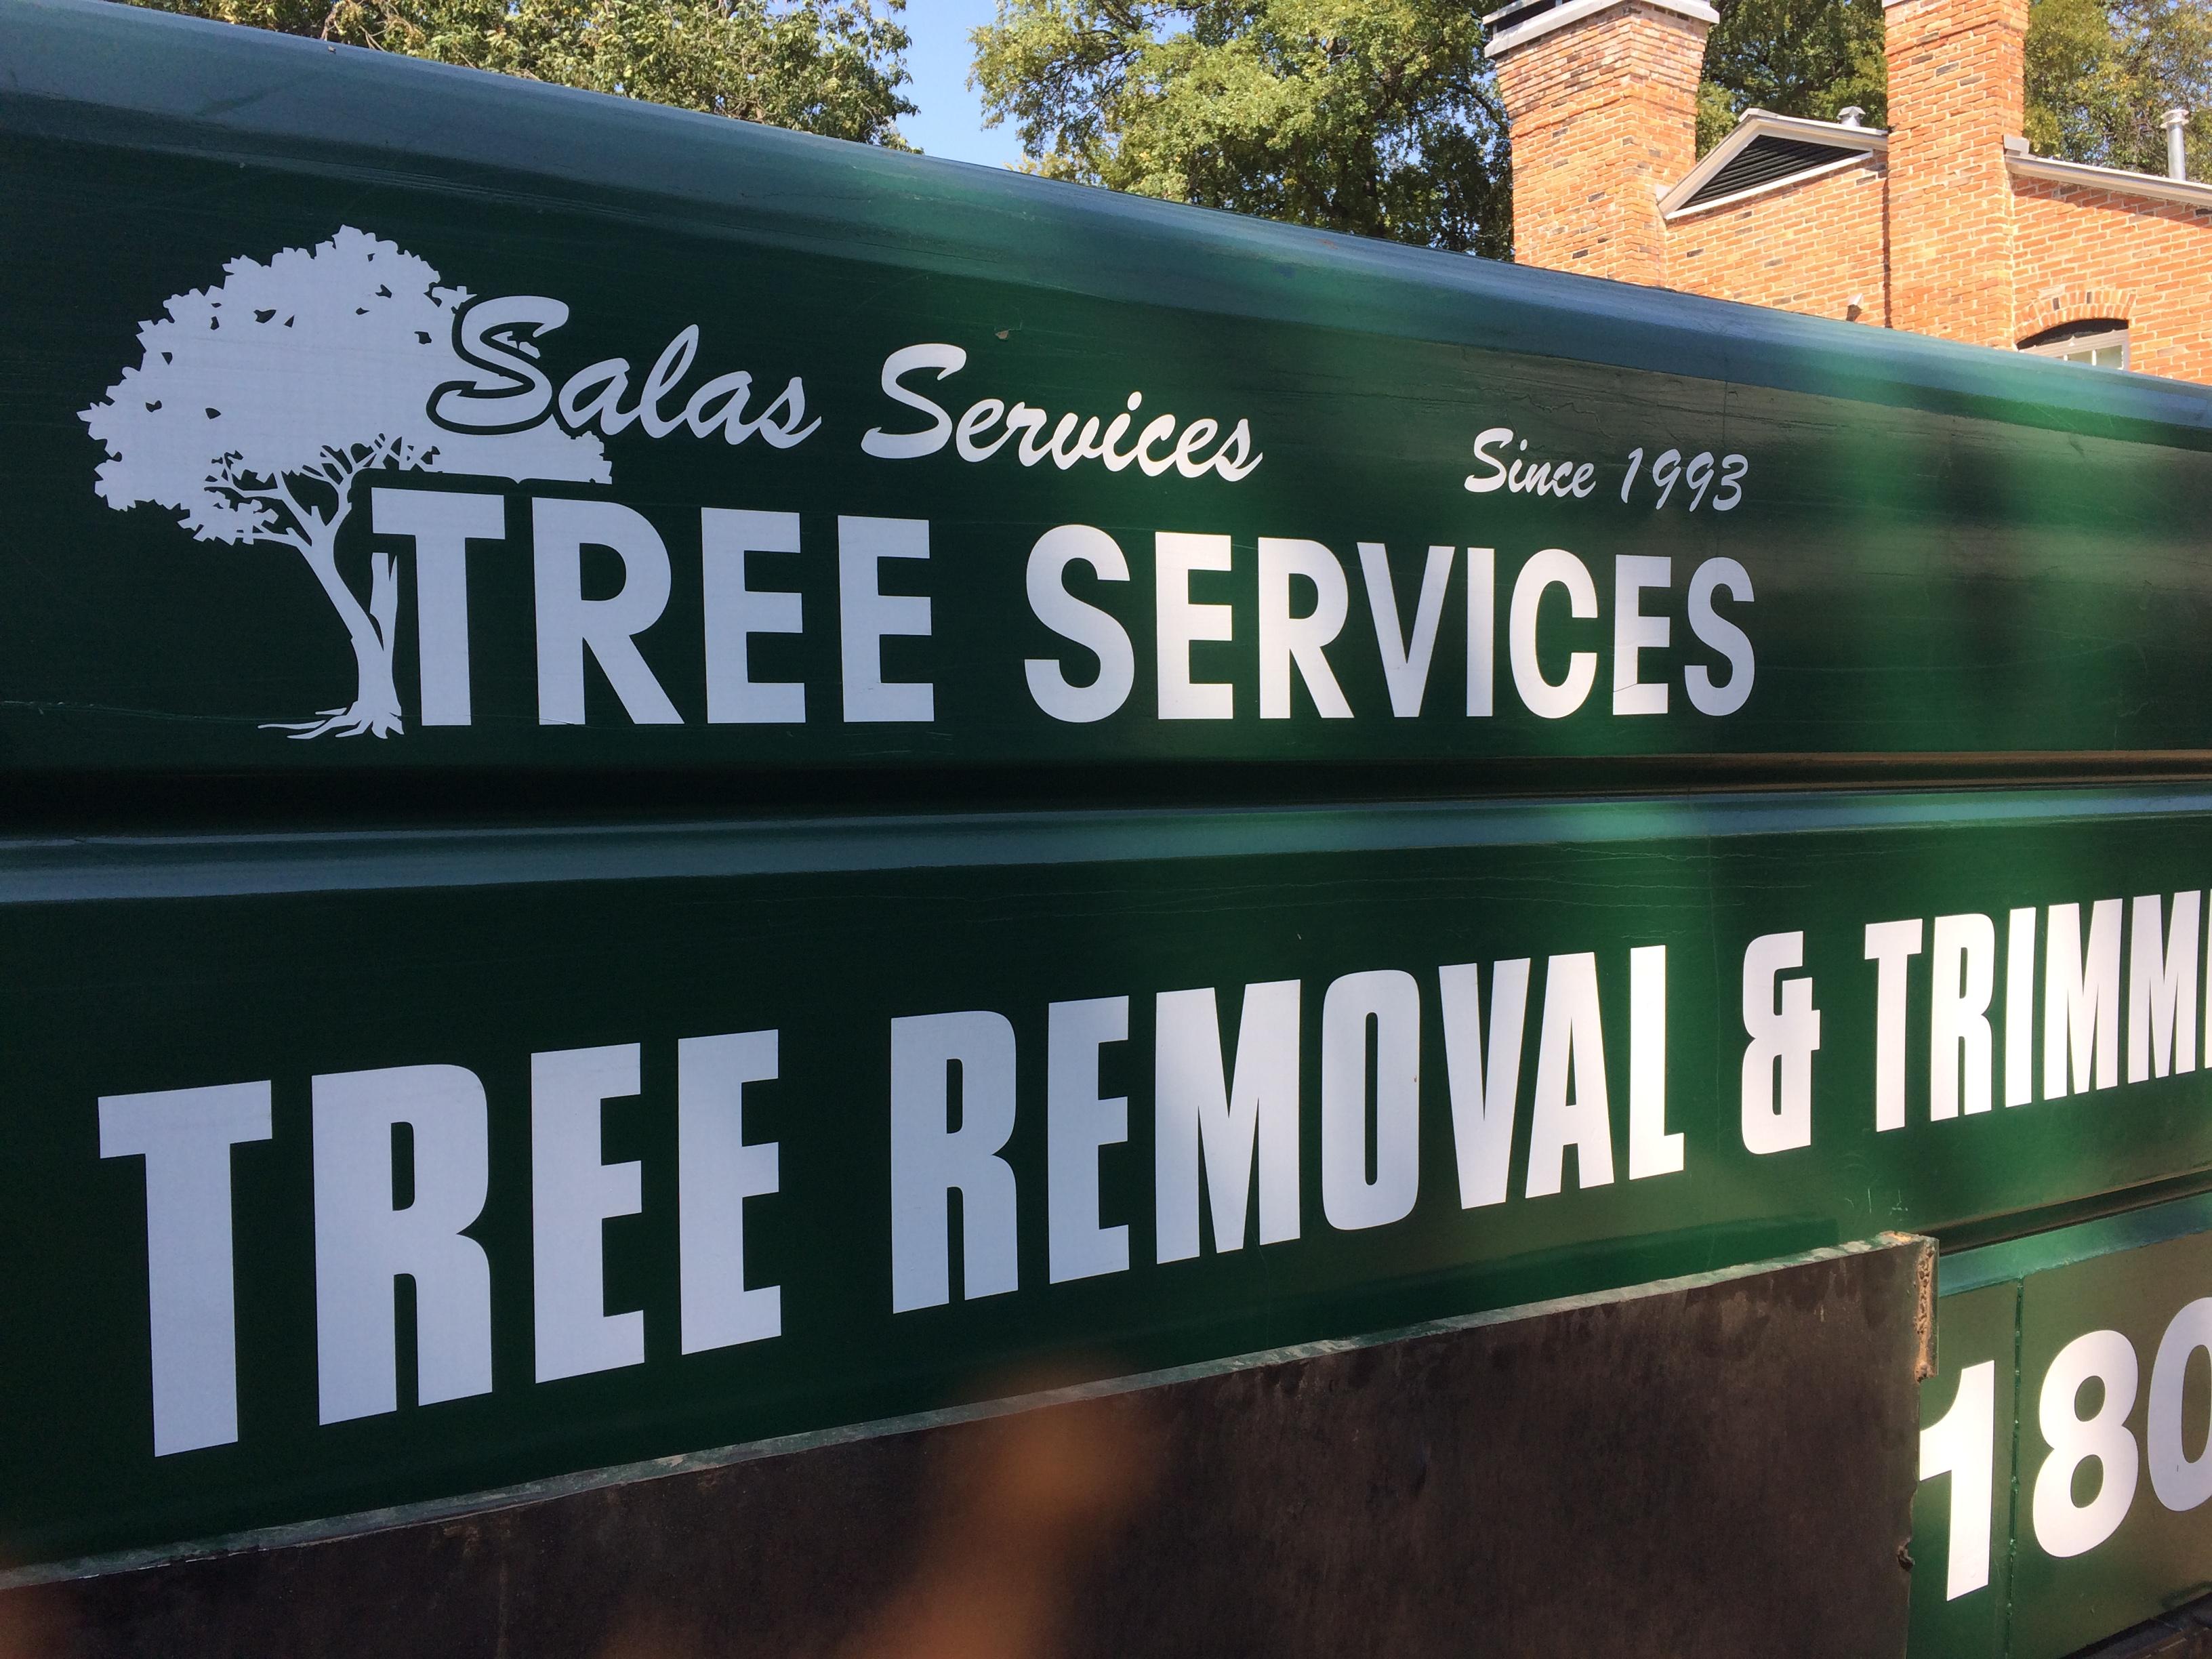 Salas Services